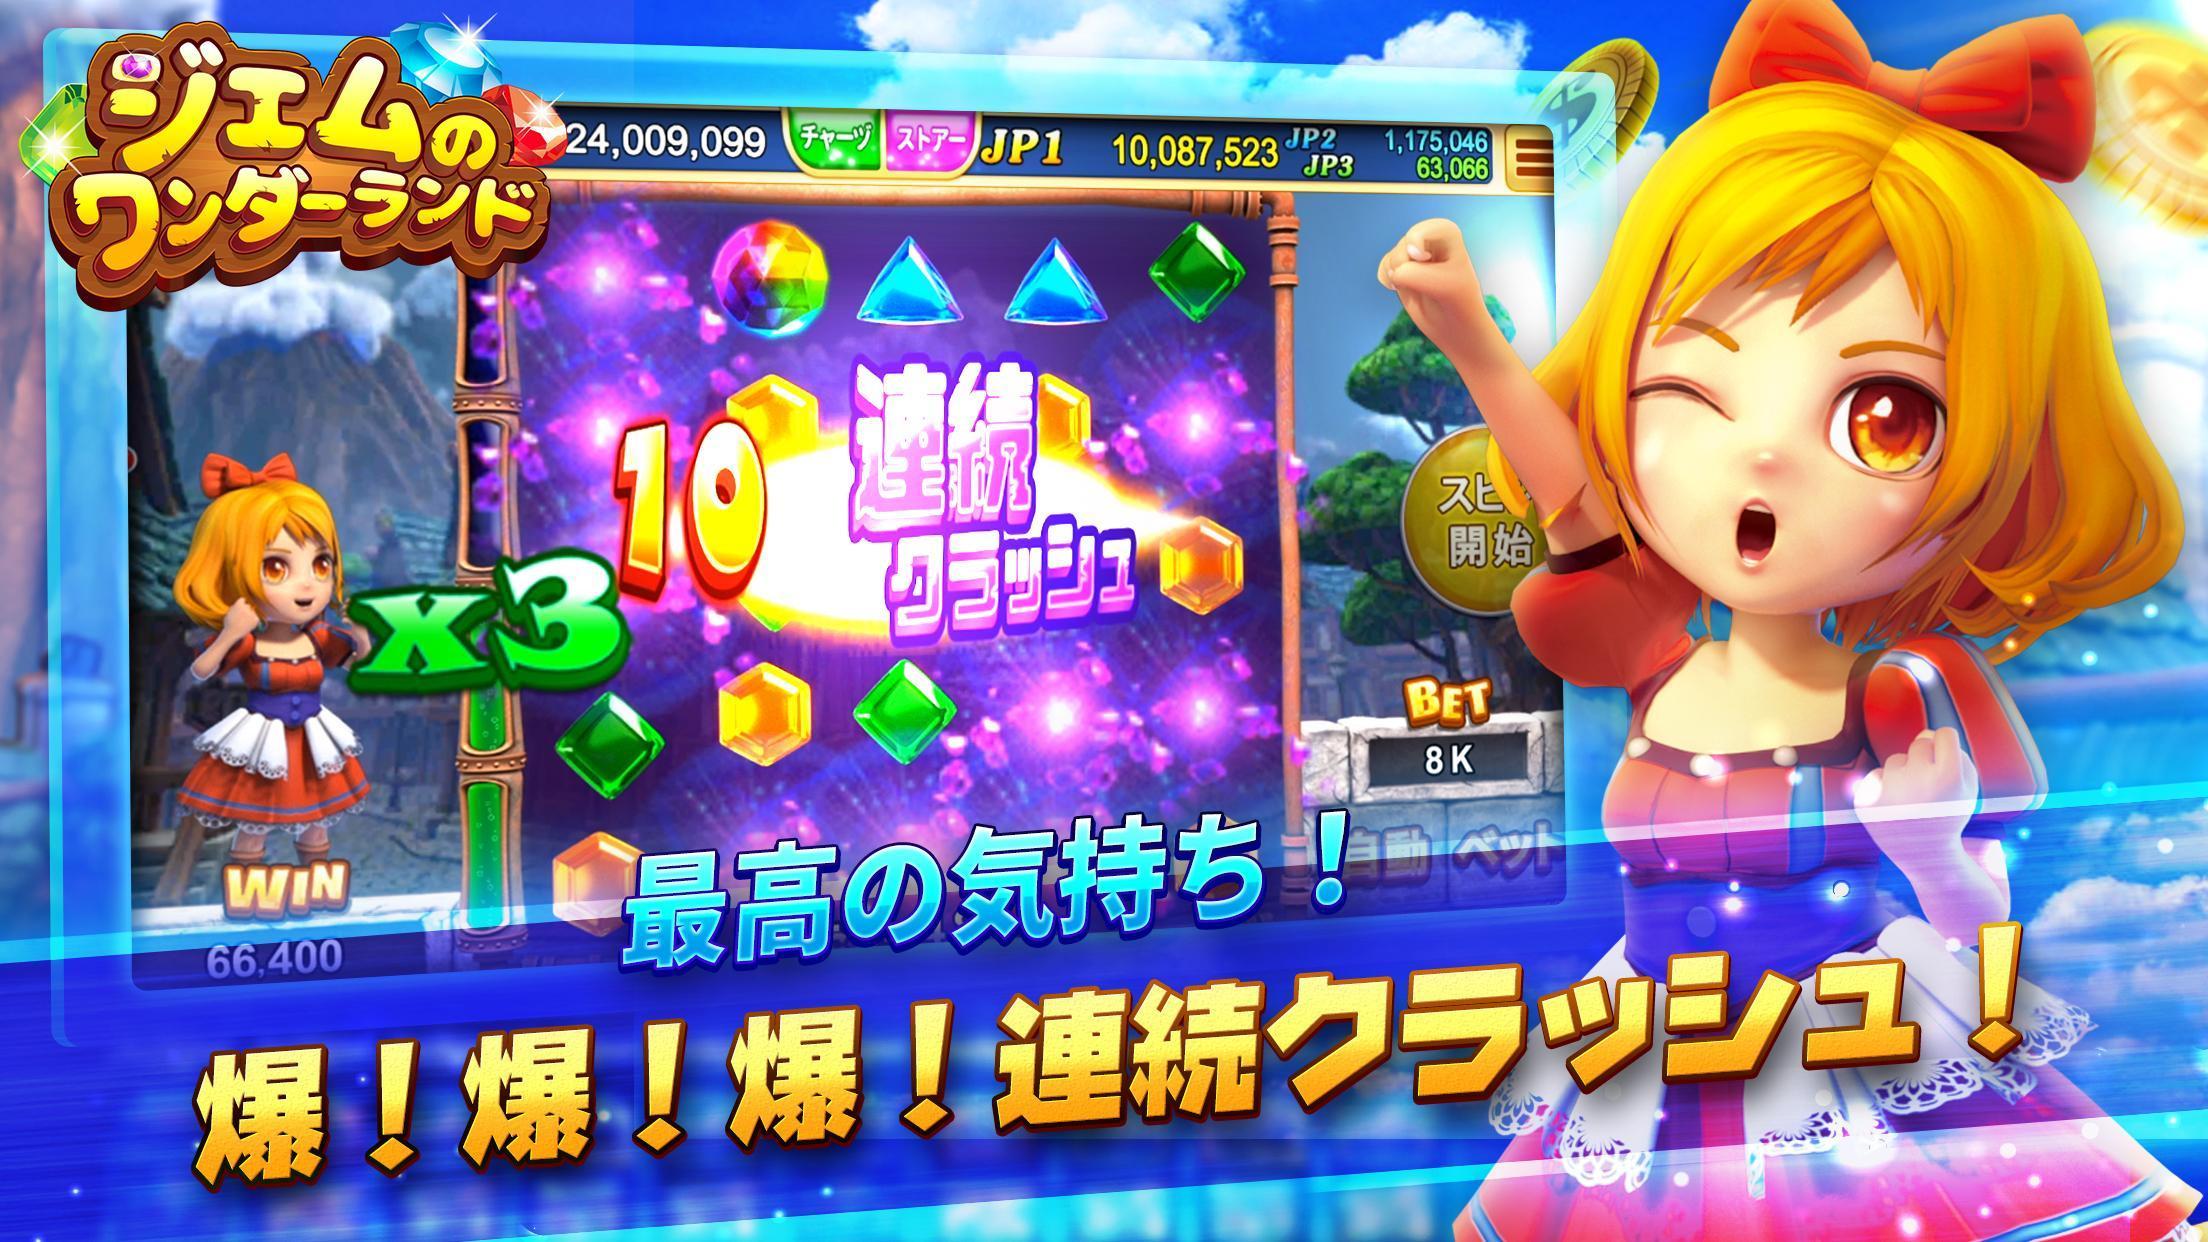 スーパーラッキーカジノ ~ オーシャンモンスター、スロット、サイコロ、ポーカー 3.14.1 Screenshot 3